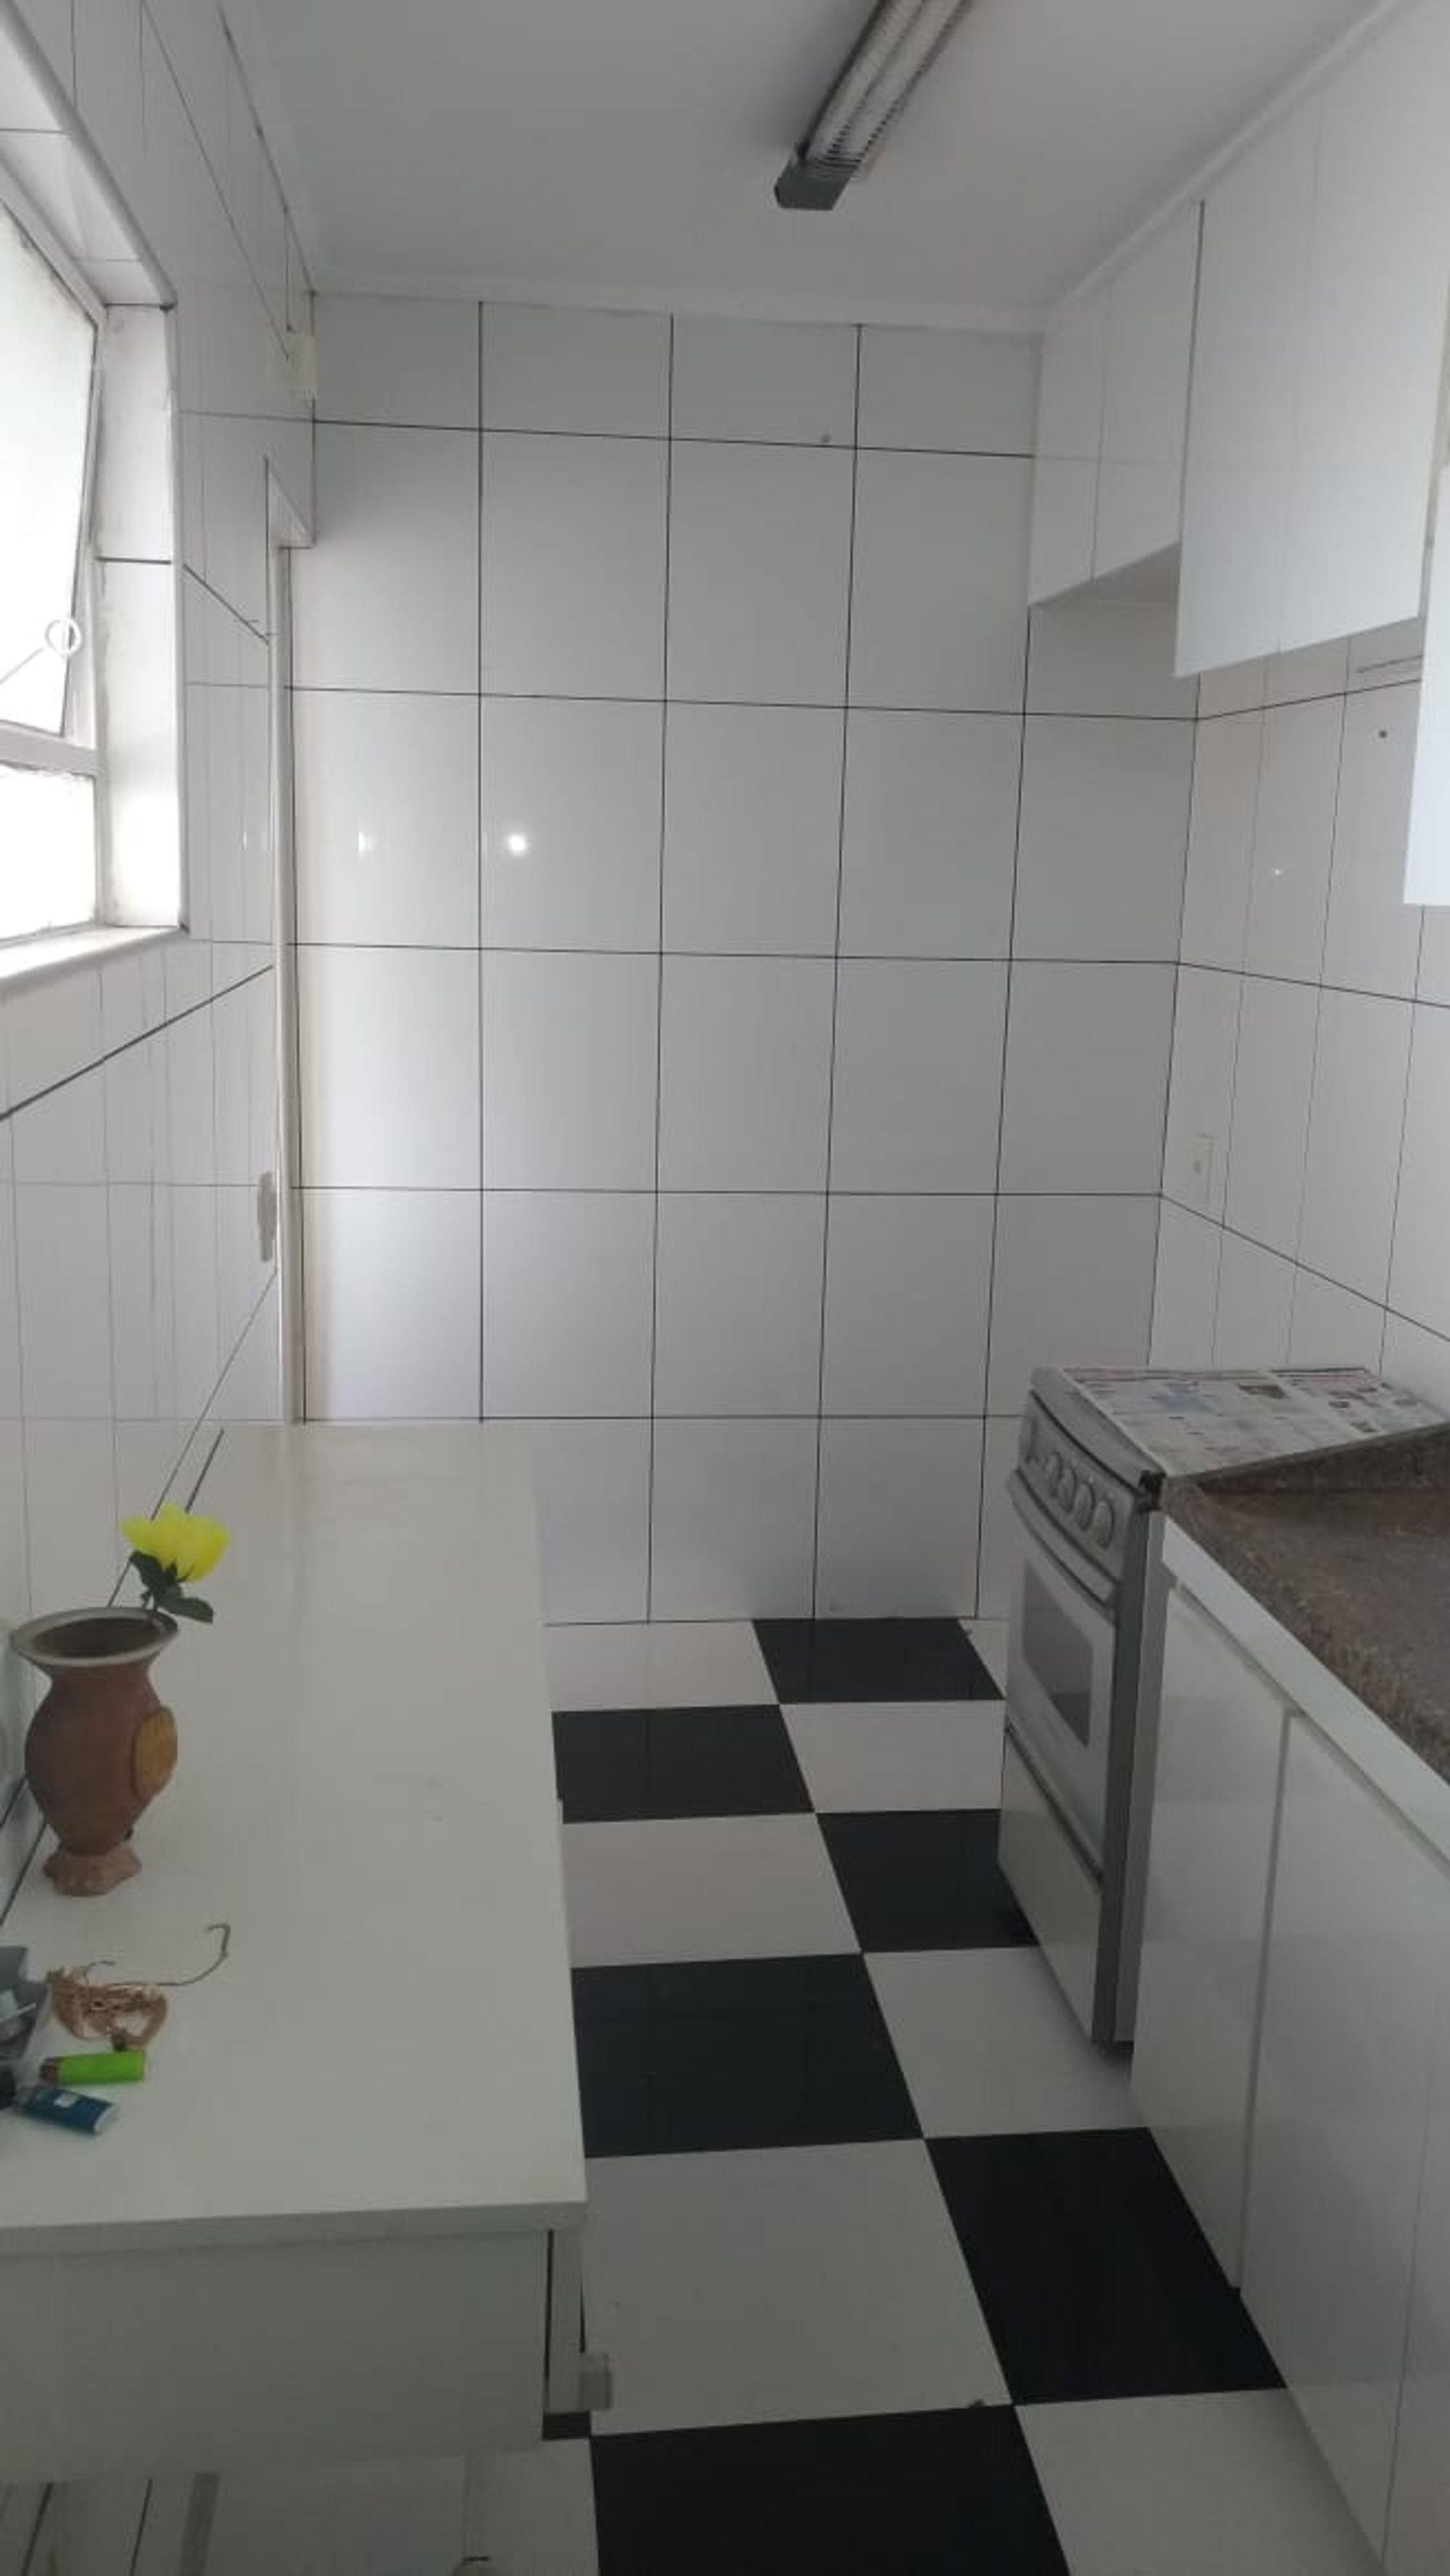 Foto de Cozinha com forno, tigela, xícara